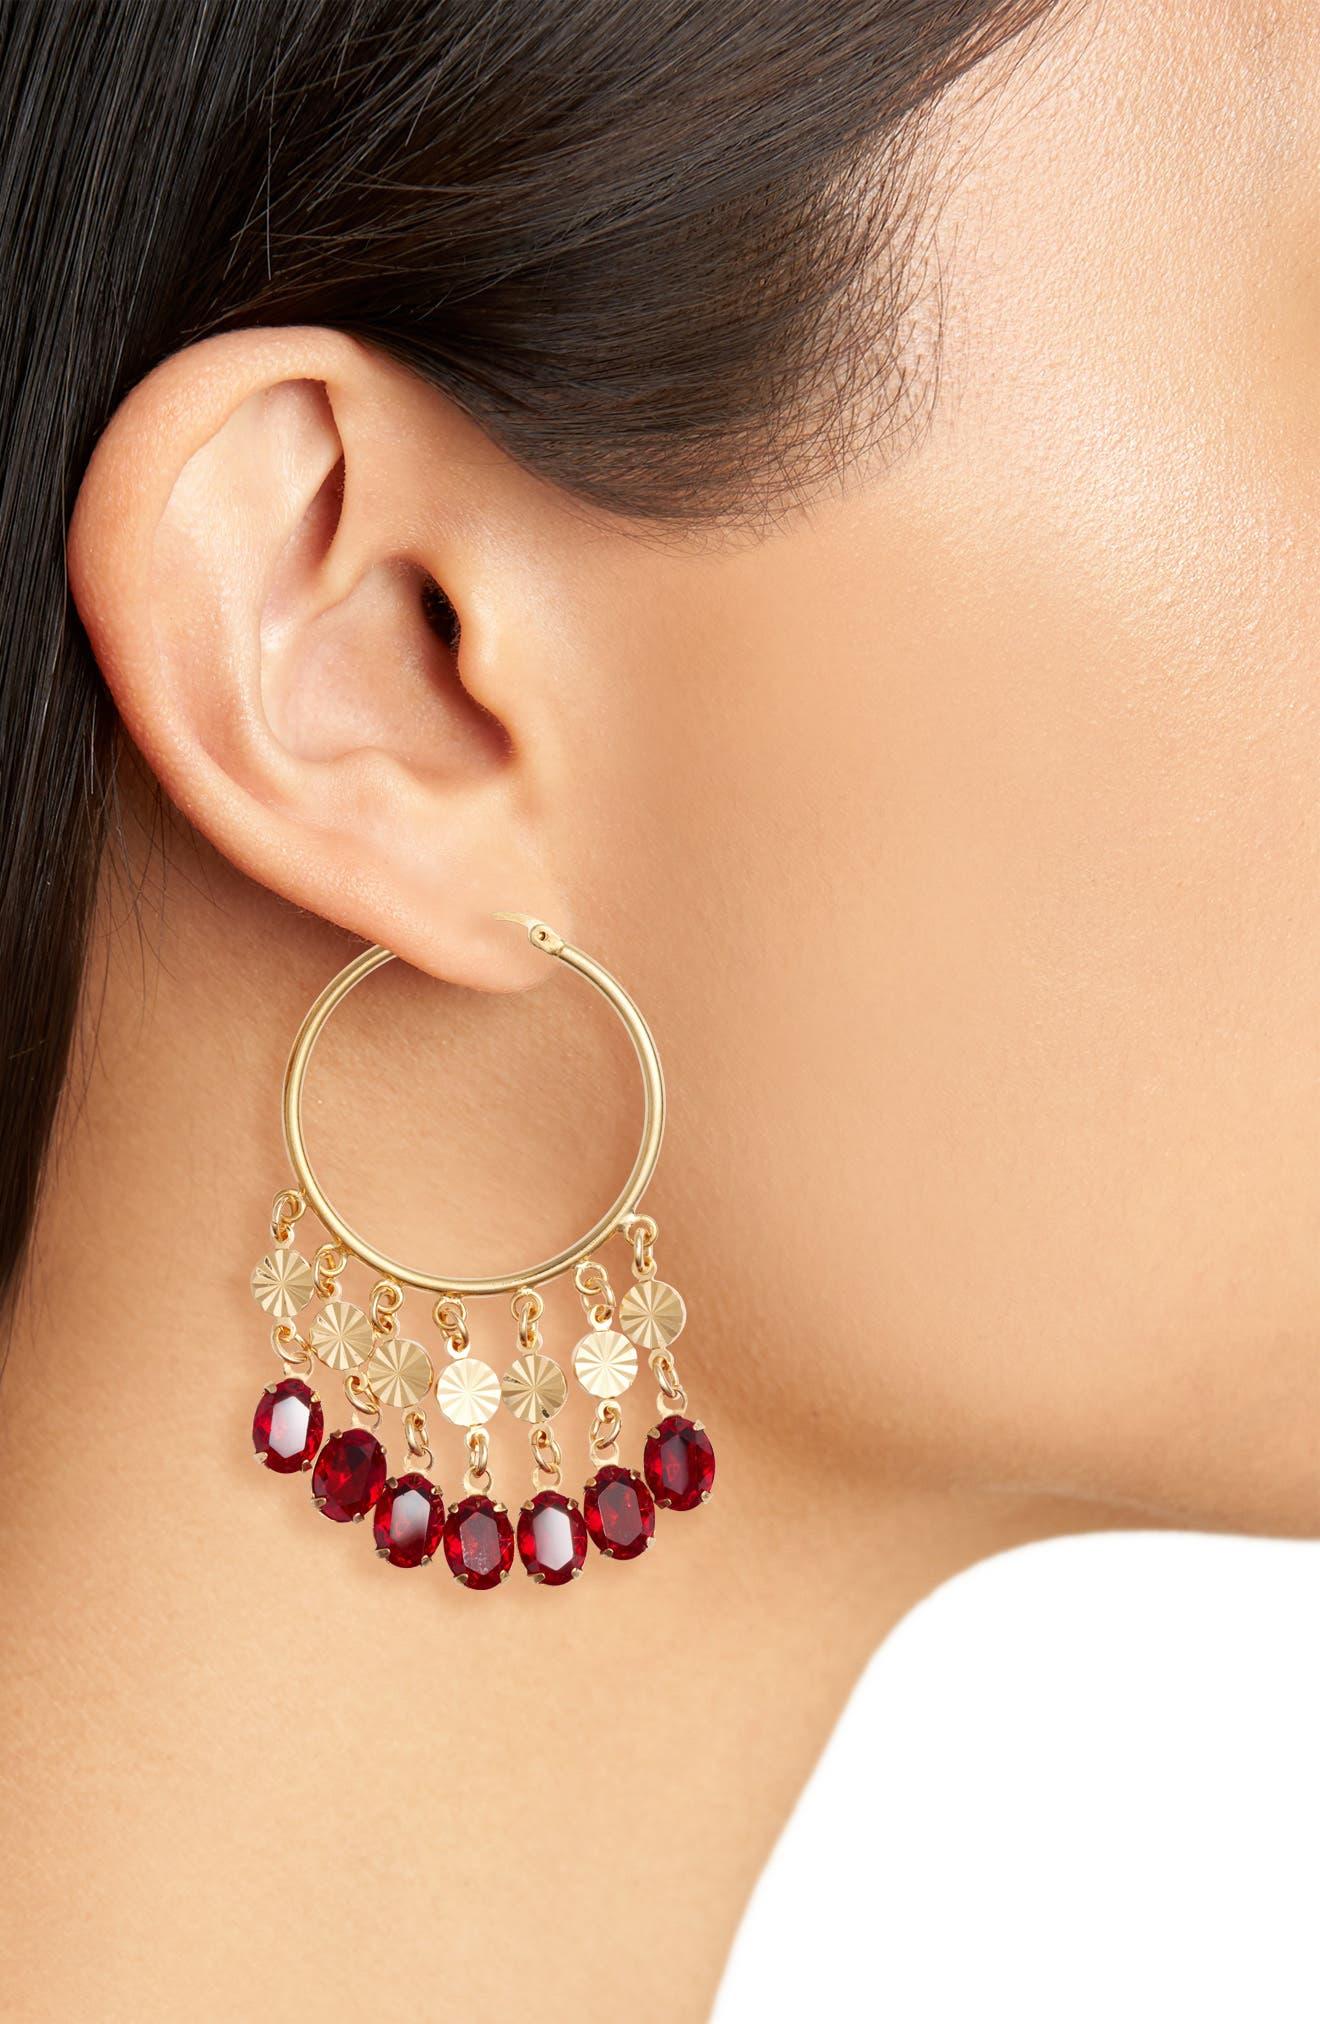 Cha Cha Hoop Earrings,                             Alternate thumbnail 2, color,                             710